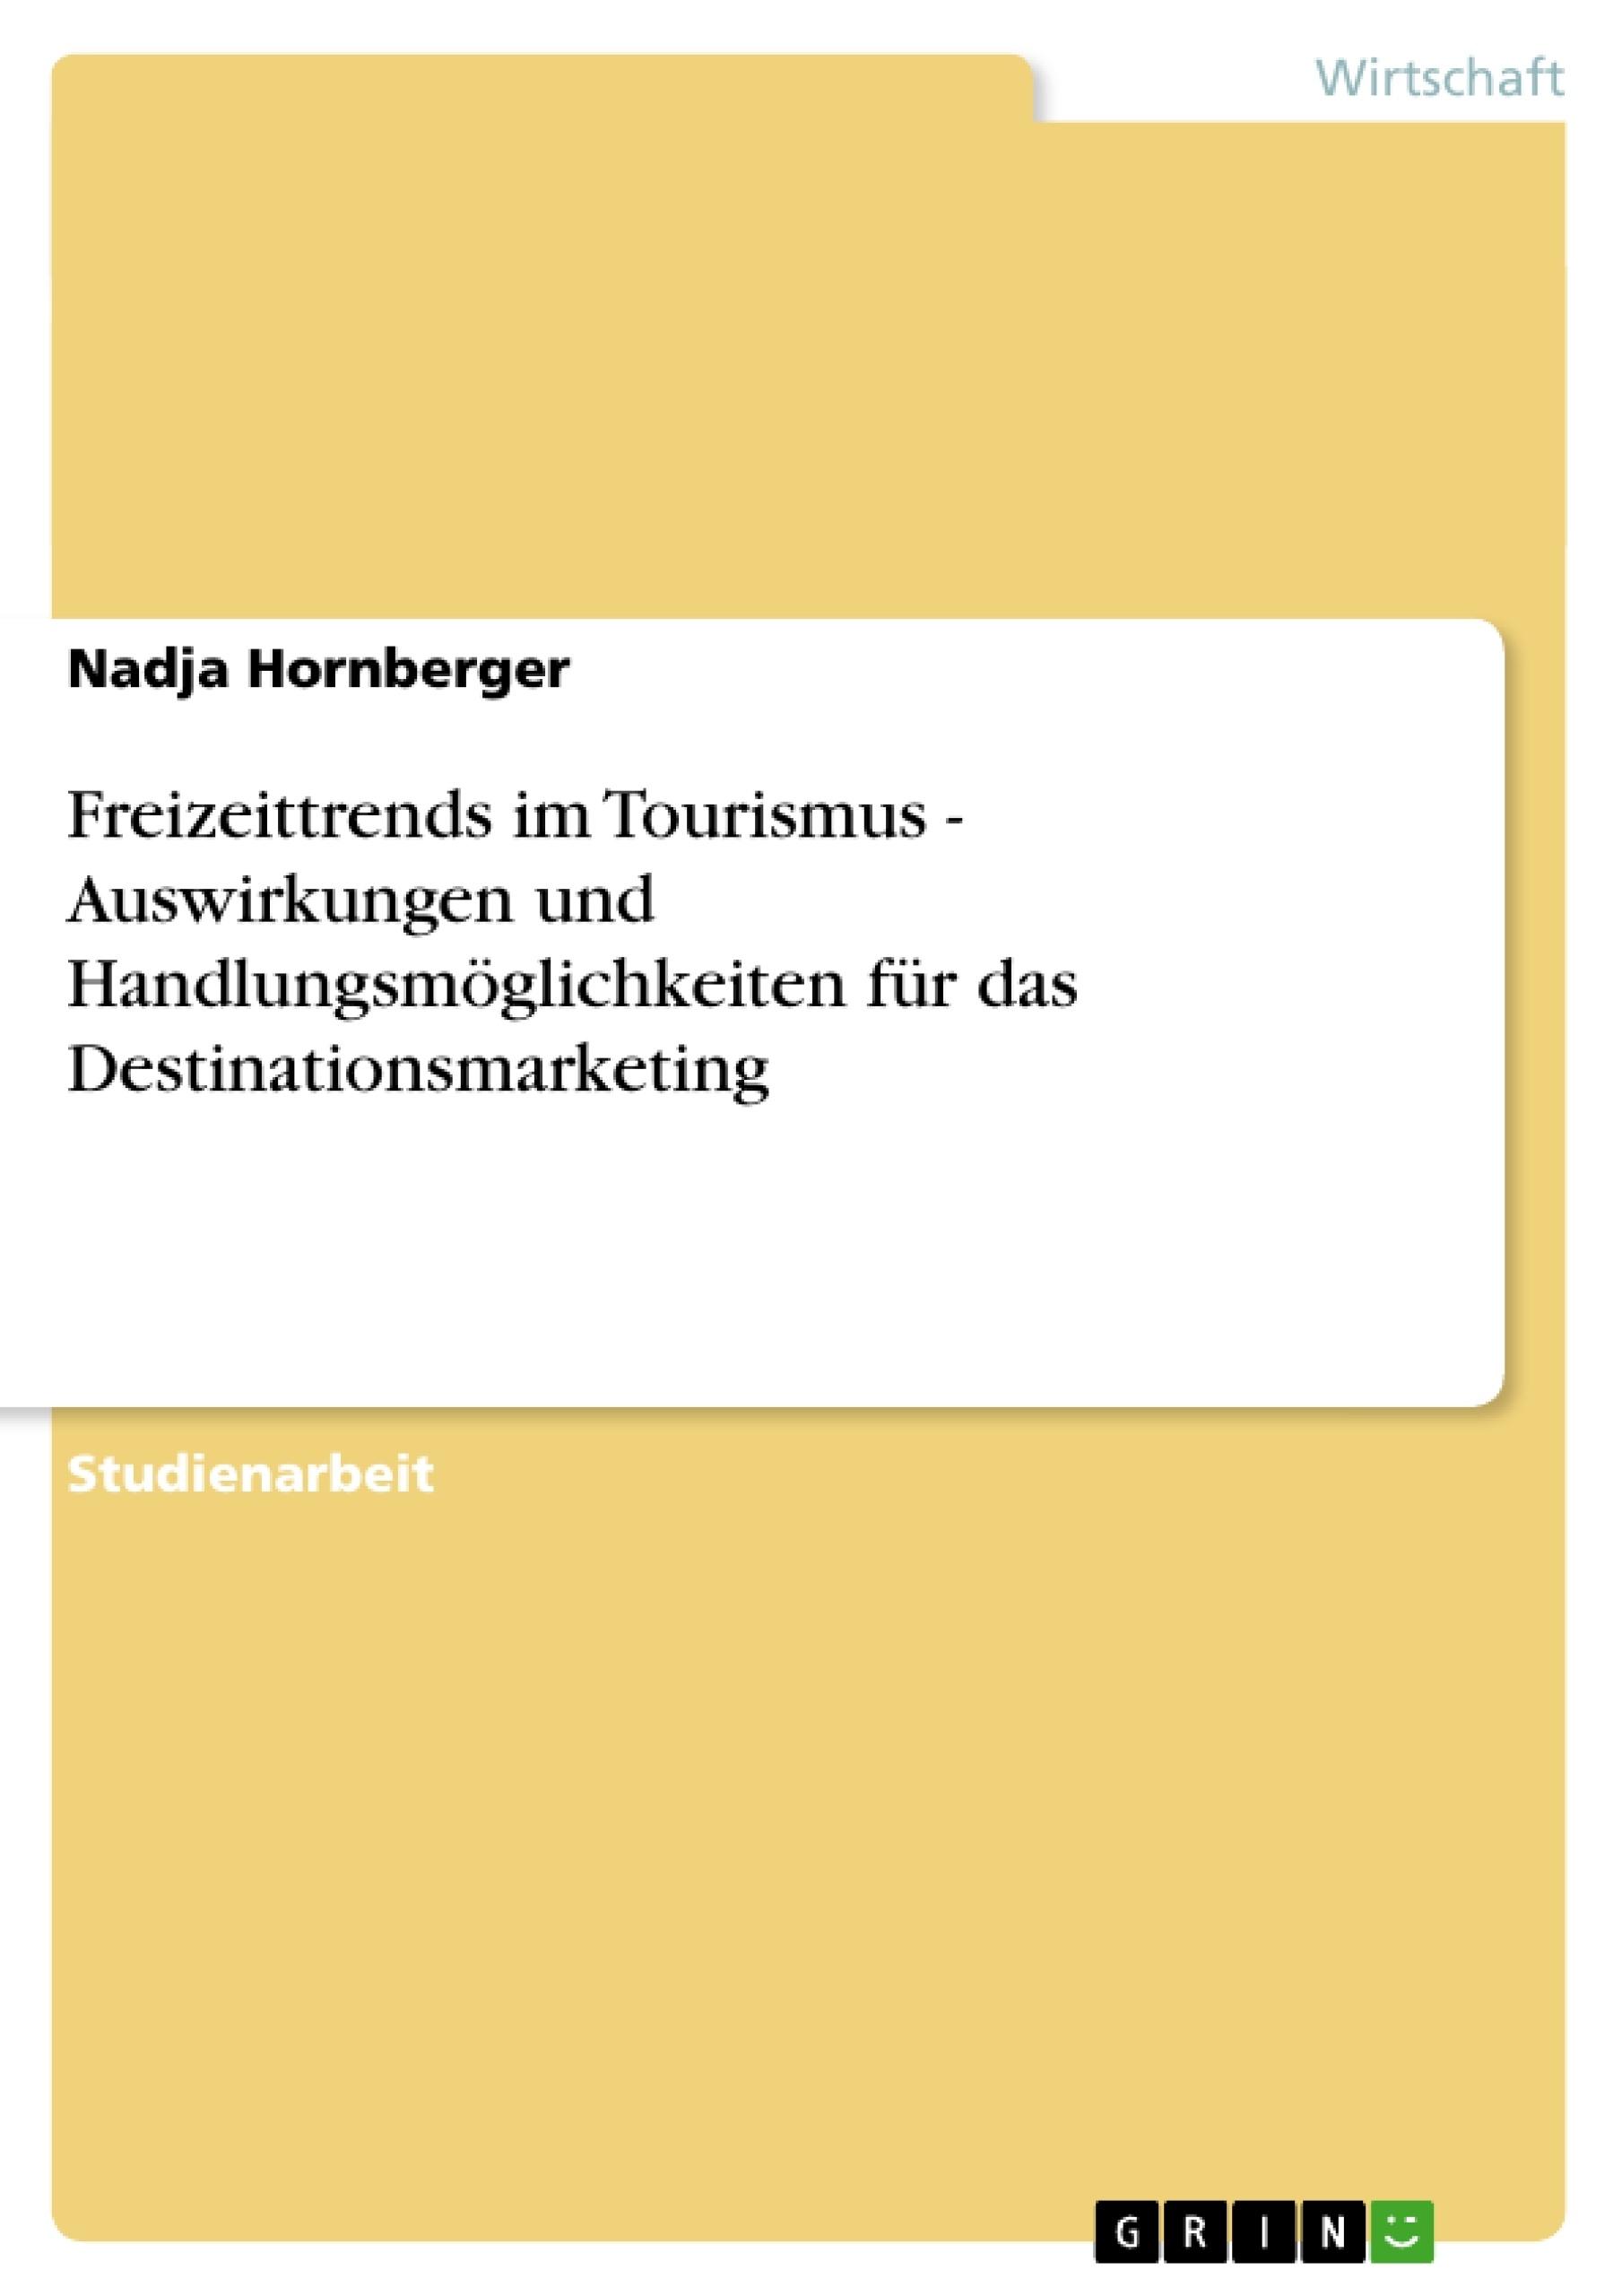 Titel: Freizeittrends im Tourismus - Auswirkungen und Handlungsmöglichkeiten für das Destinationsmarketing